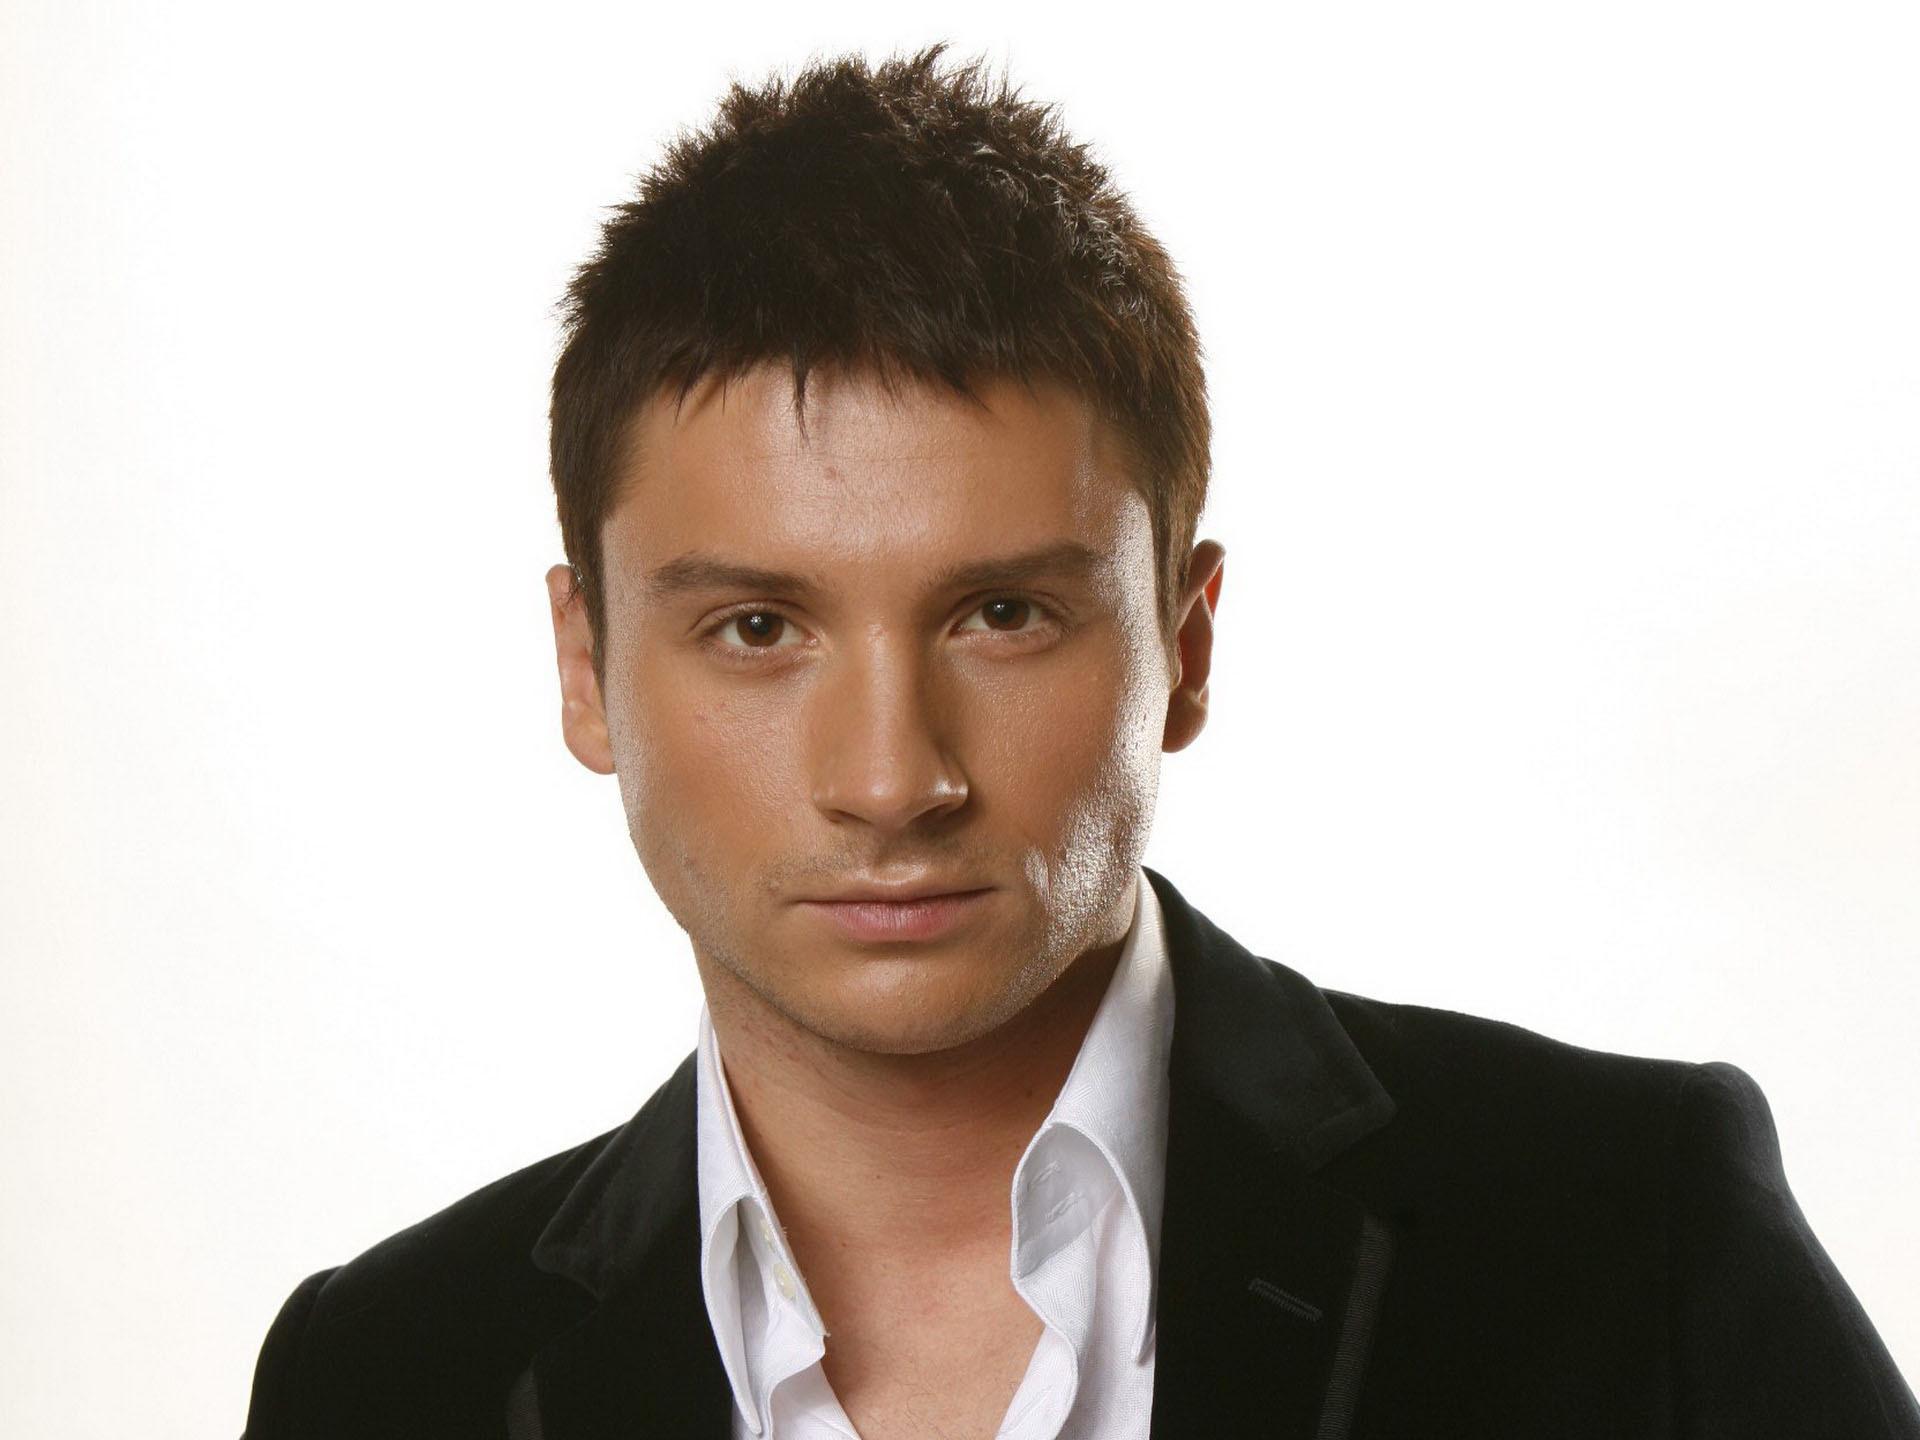 Сергей лазарев фото в молодости фото